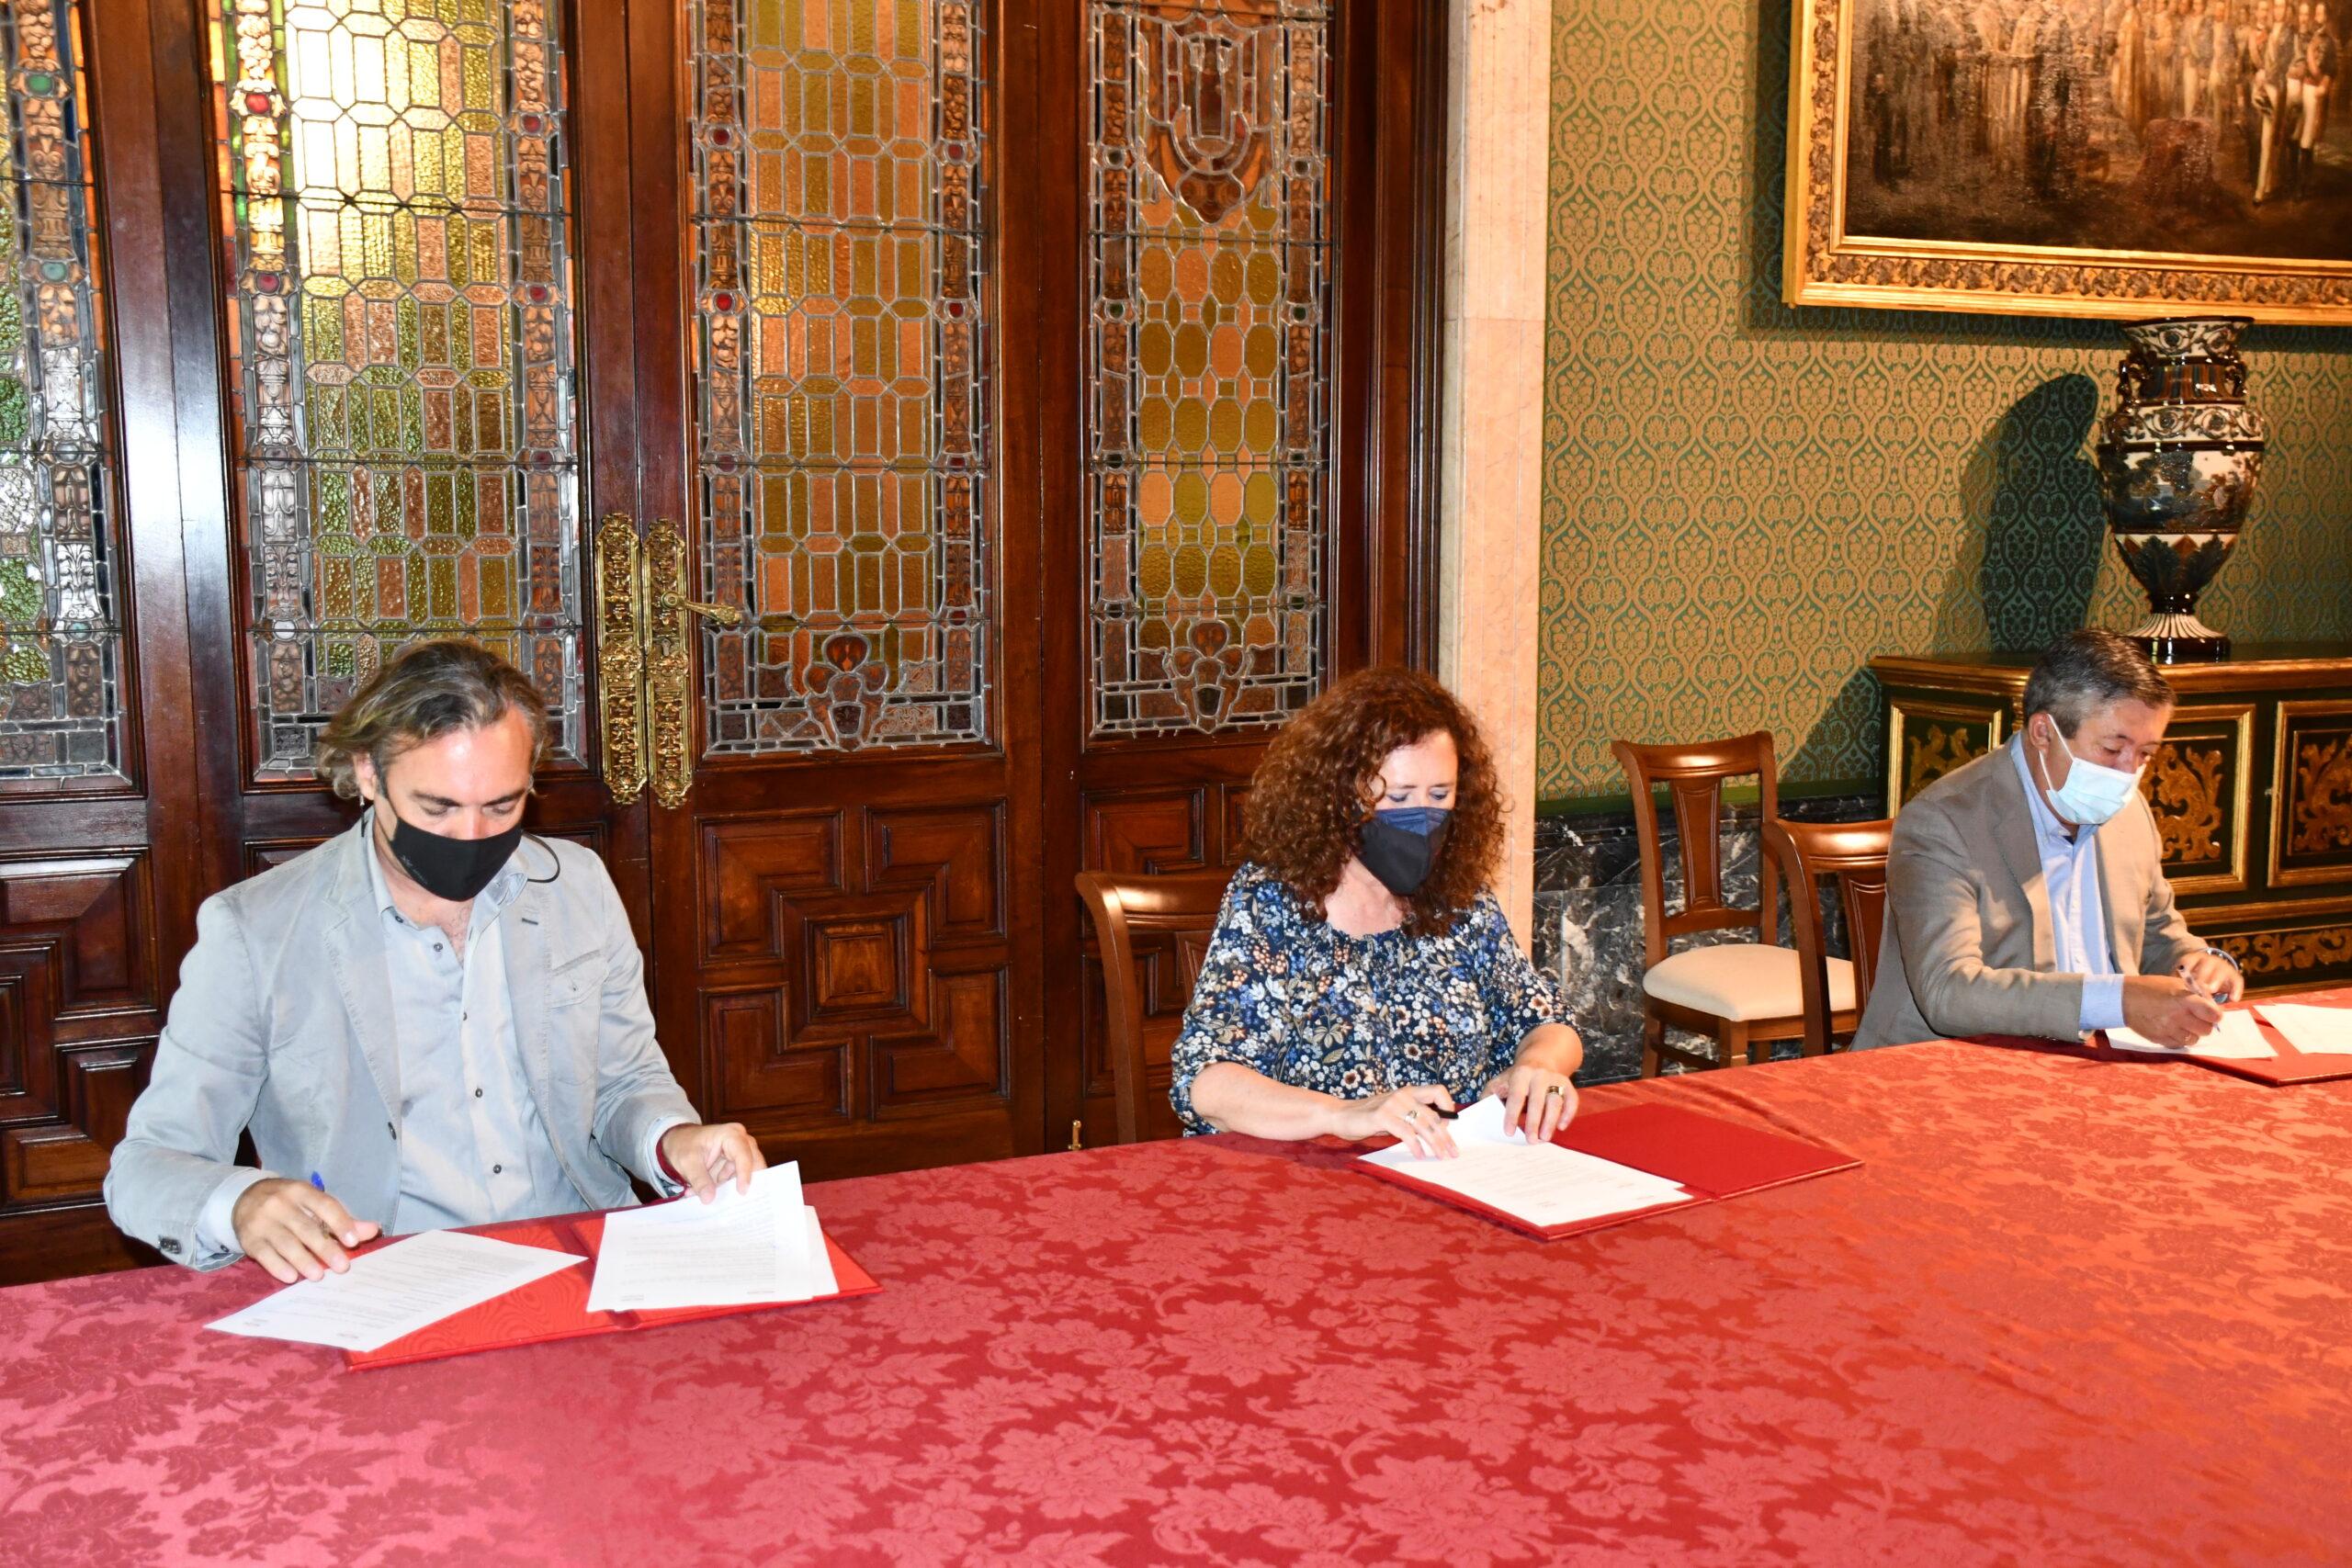 Emvisesa recibe, por parte del Ayuntamiento de Sevilla, la concesión demanial de tres edificios municipales situados en el centro para promover 41 alojamientos colaborativos